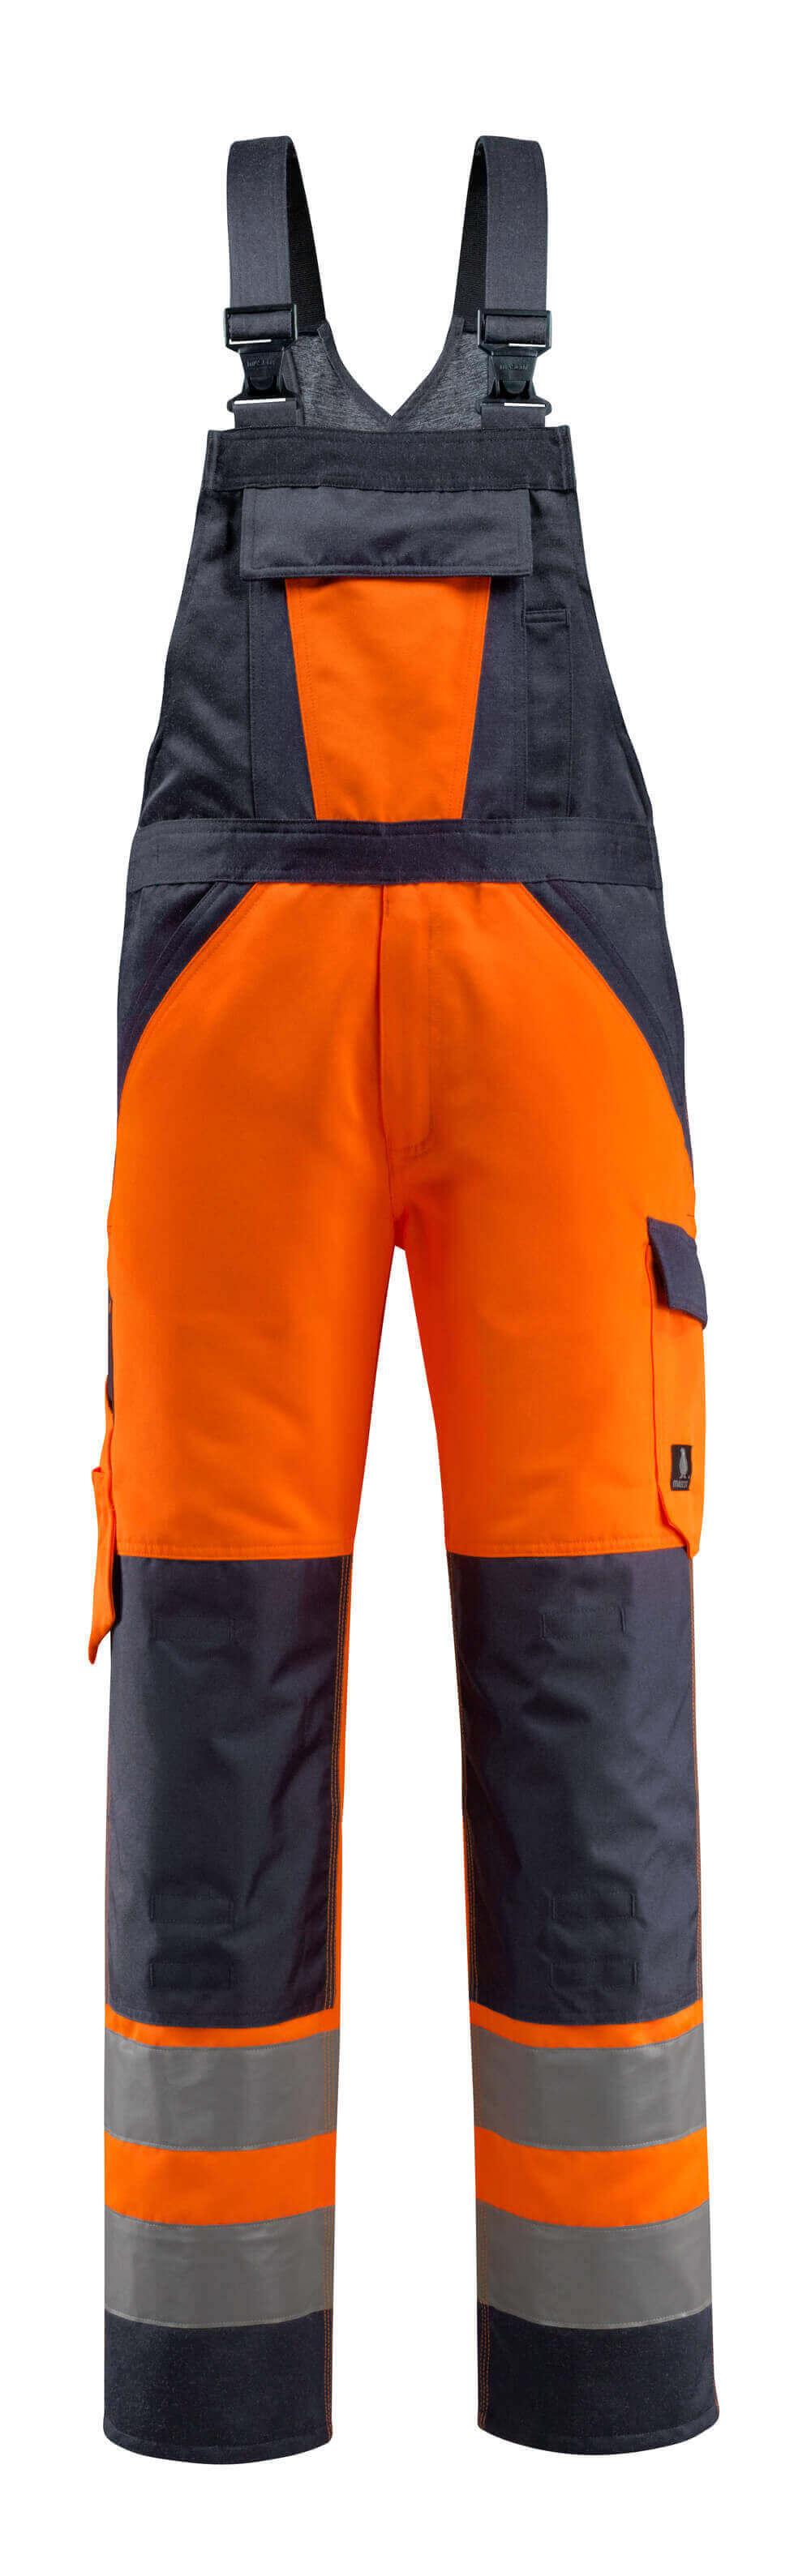 15969-948-14010 Arbeitslatzhose - hi-vis Orange/Schwarzblau